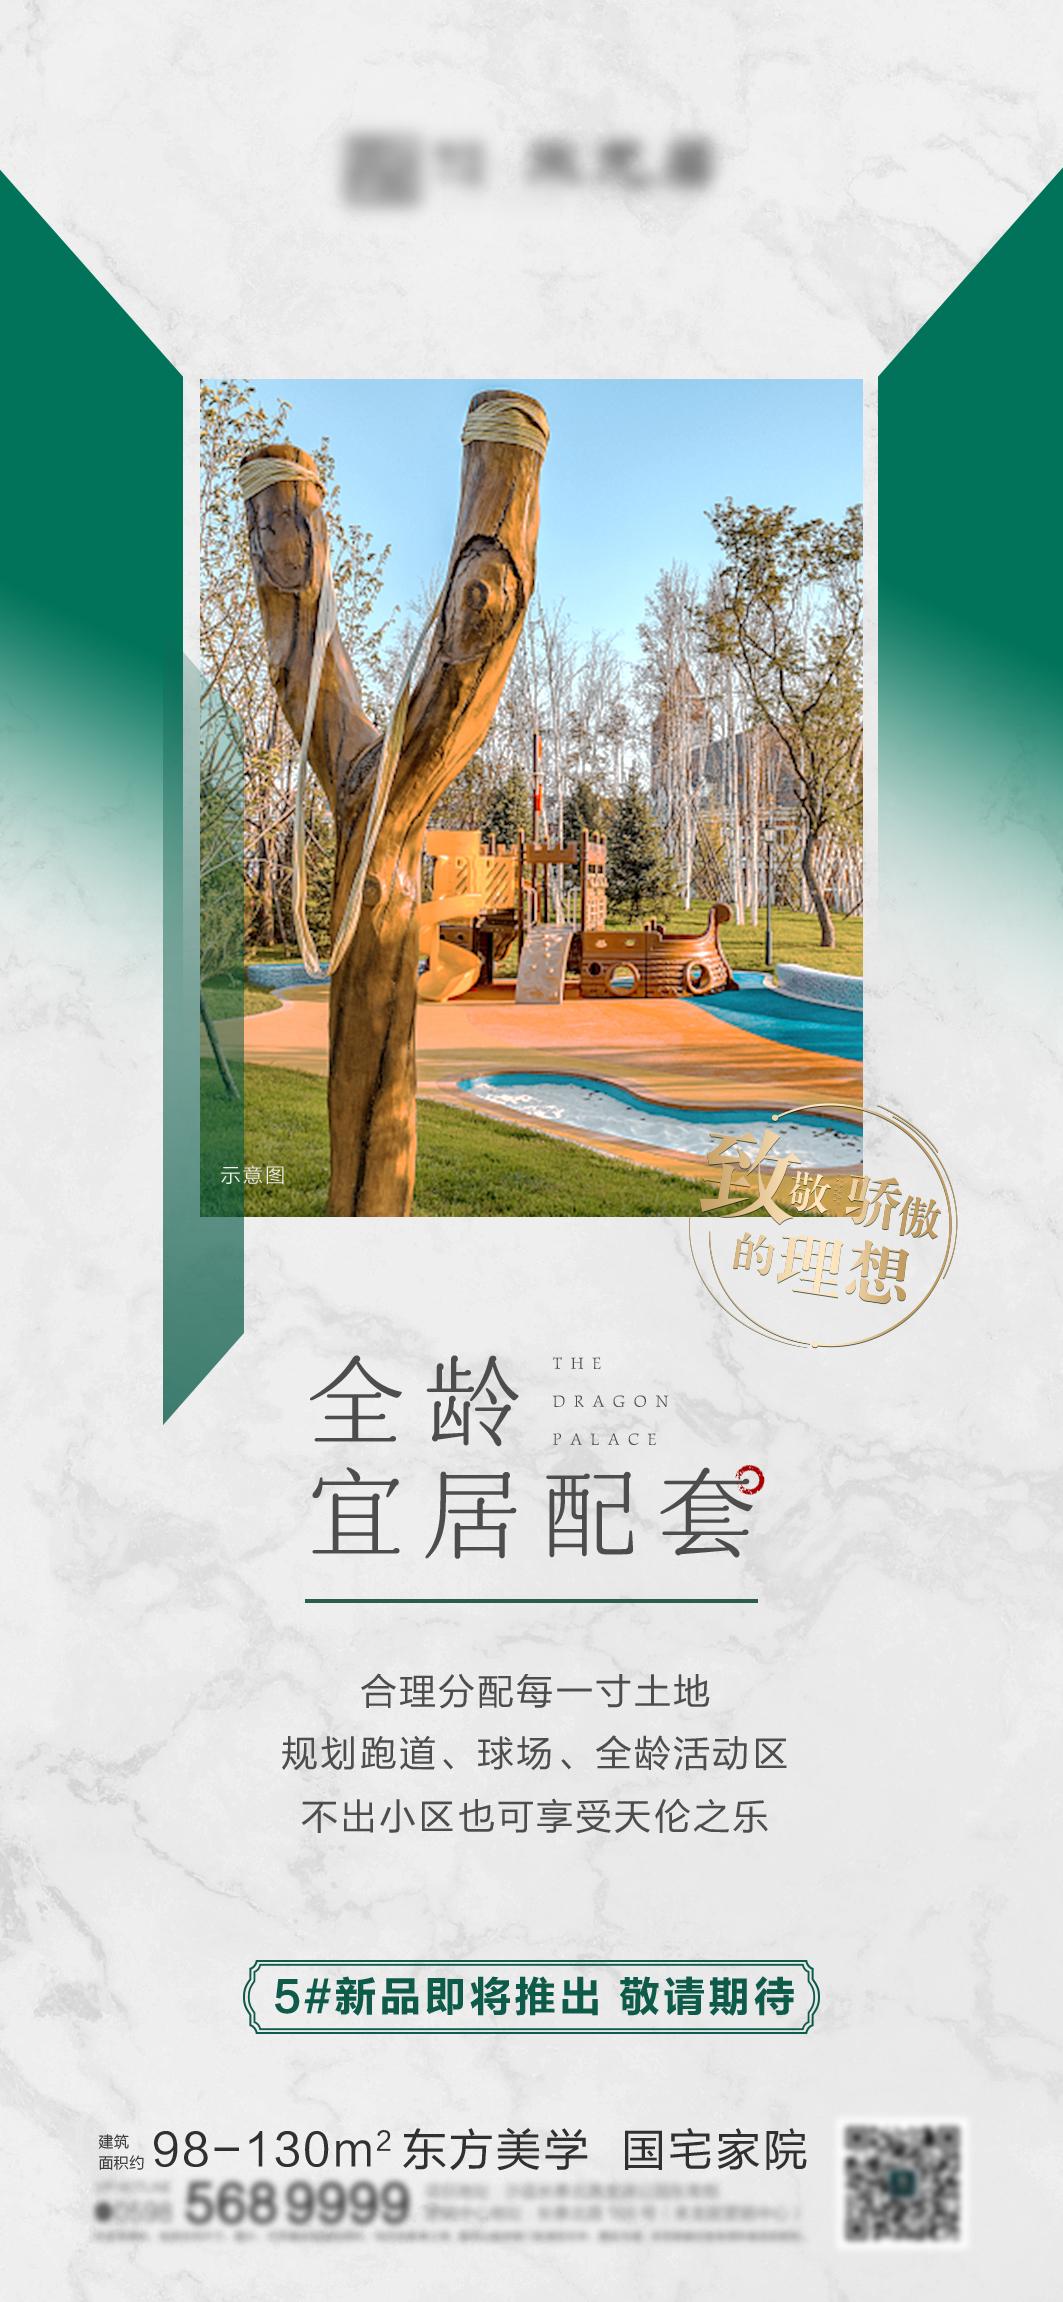 新中式意境地产移动端海报2020c7877c24cc